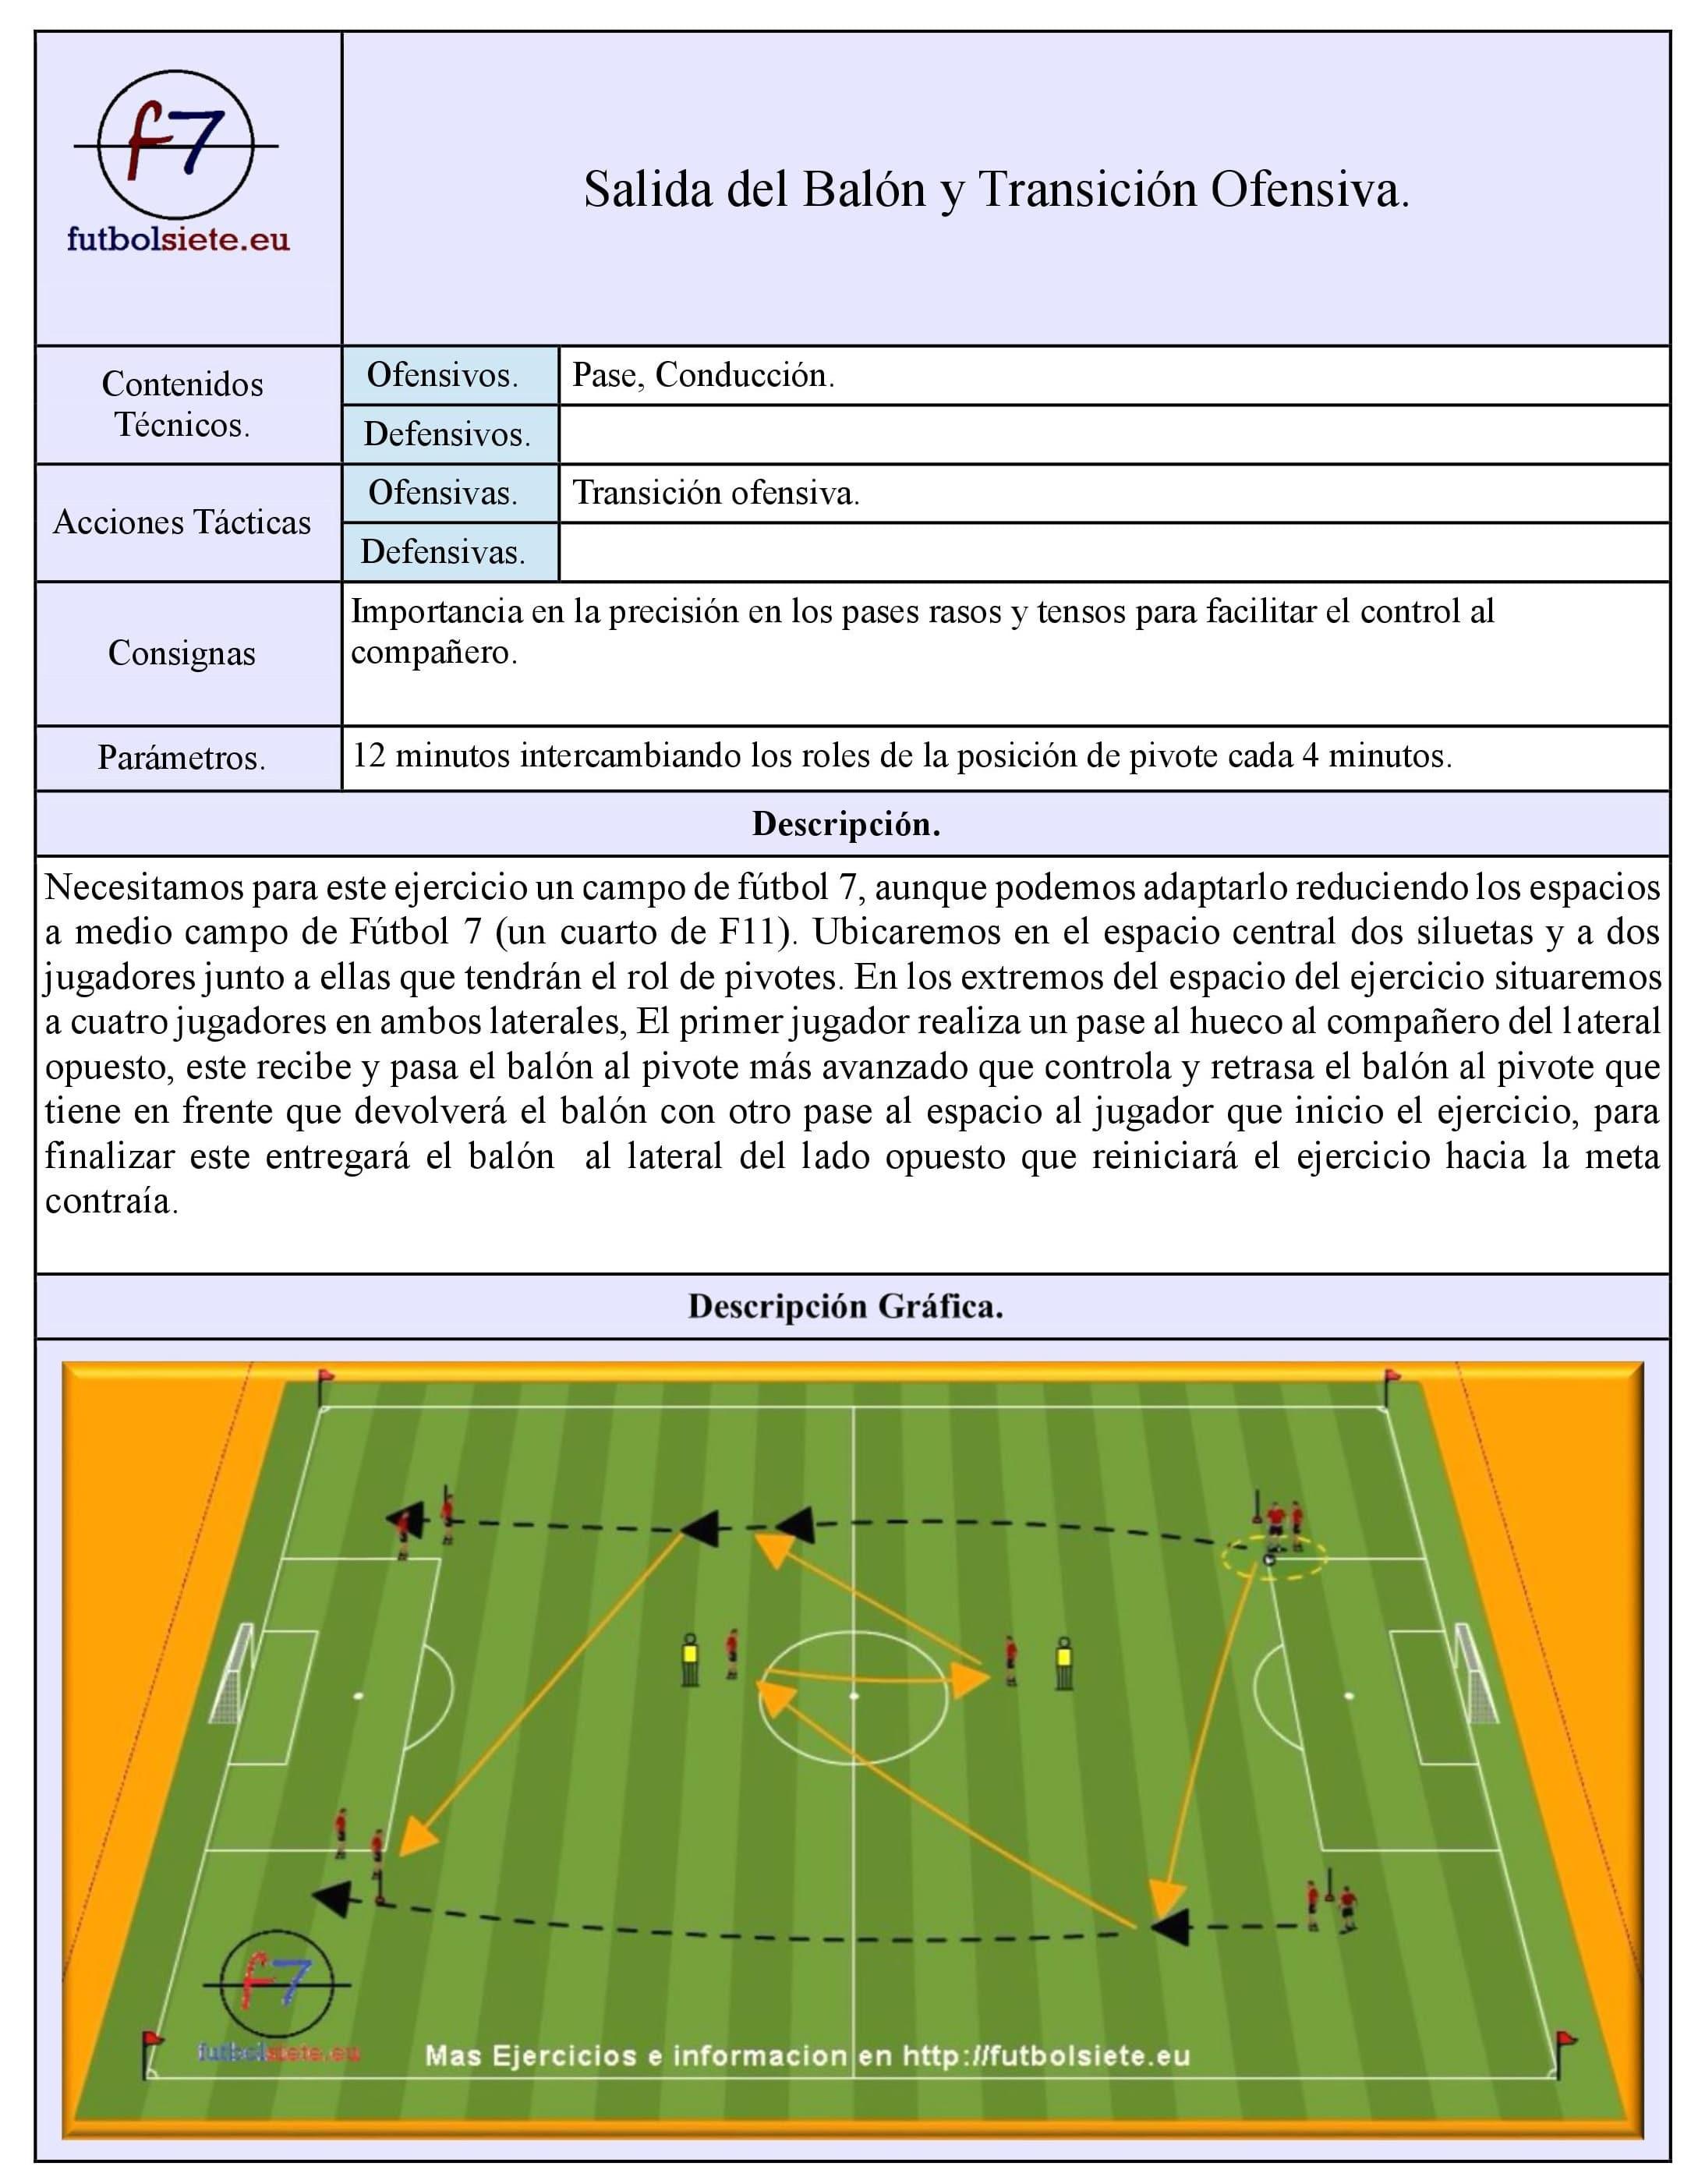 Ejercicio de entrenamiento de futbol Salida del Balón y Transición Ofensiva.